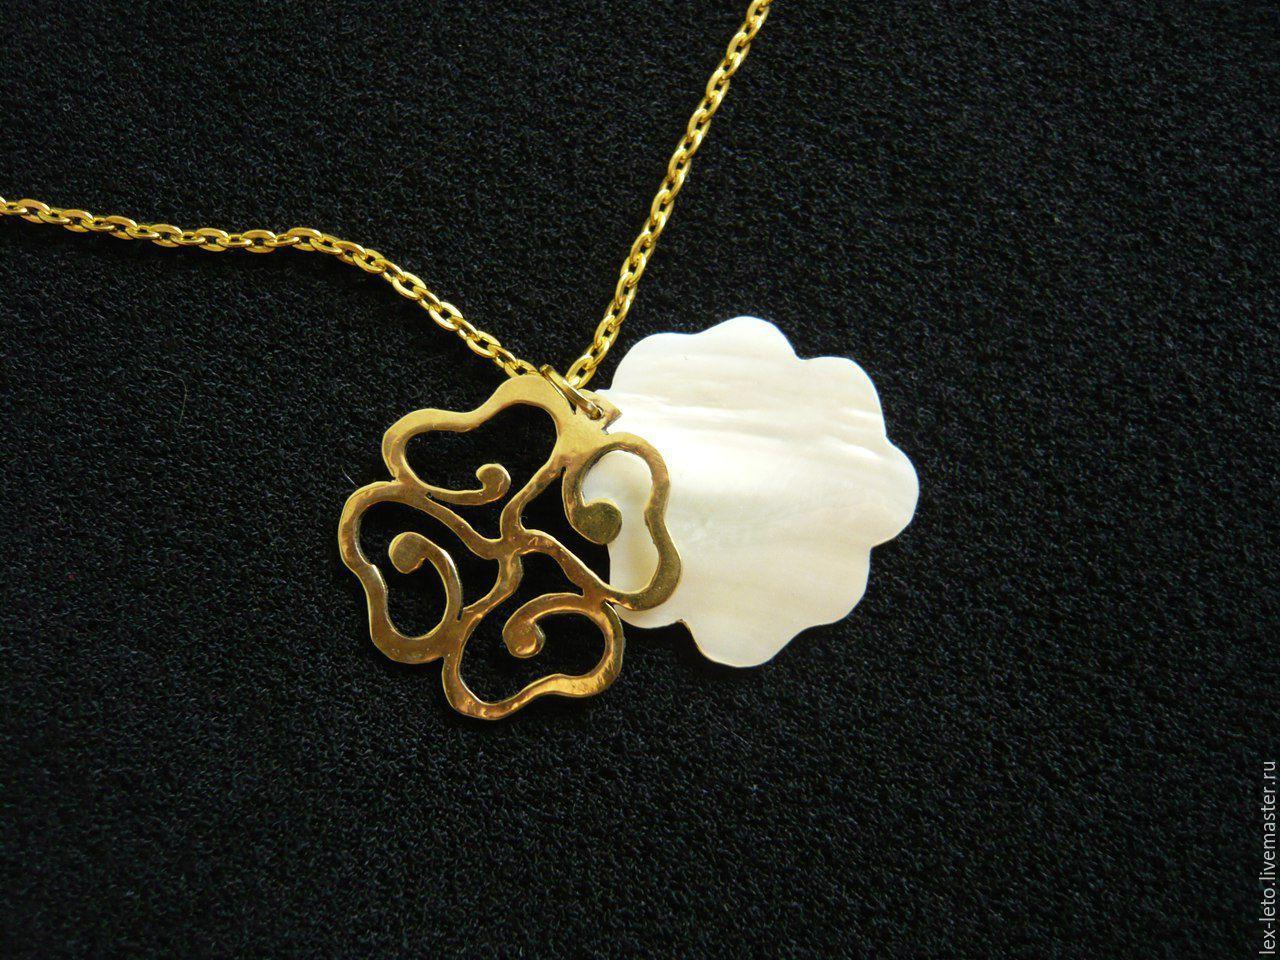 """Купить Подвеска """"Лист клевера"""" - комбинированный, золотой, пермаутровый, пермамутр, латунь, подвеска, кулон, клевер"""